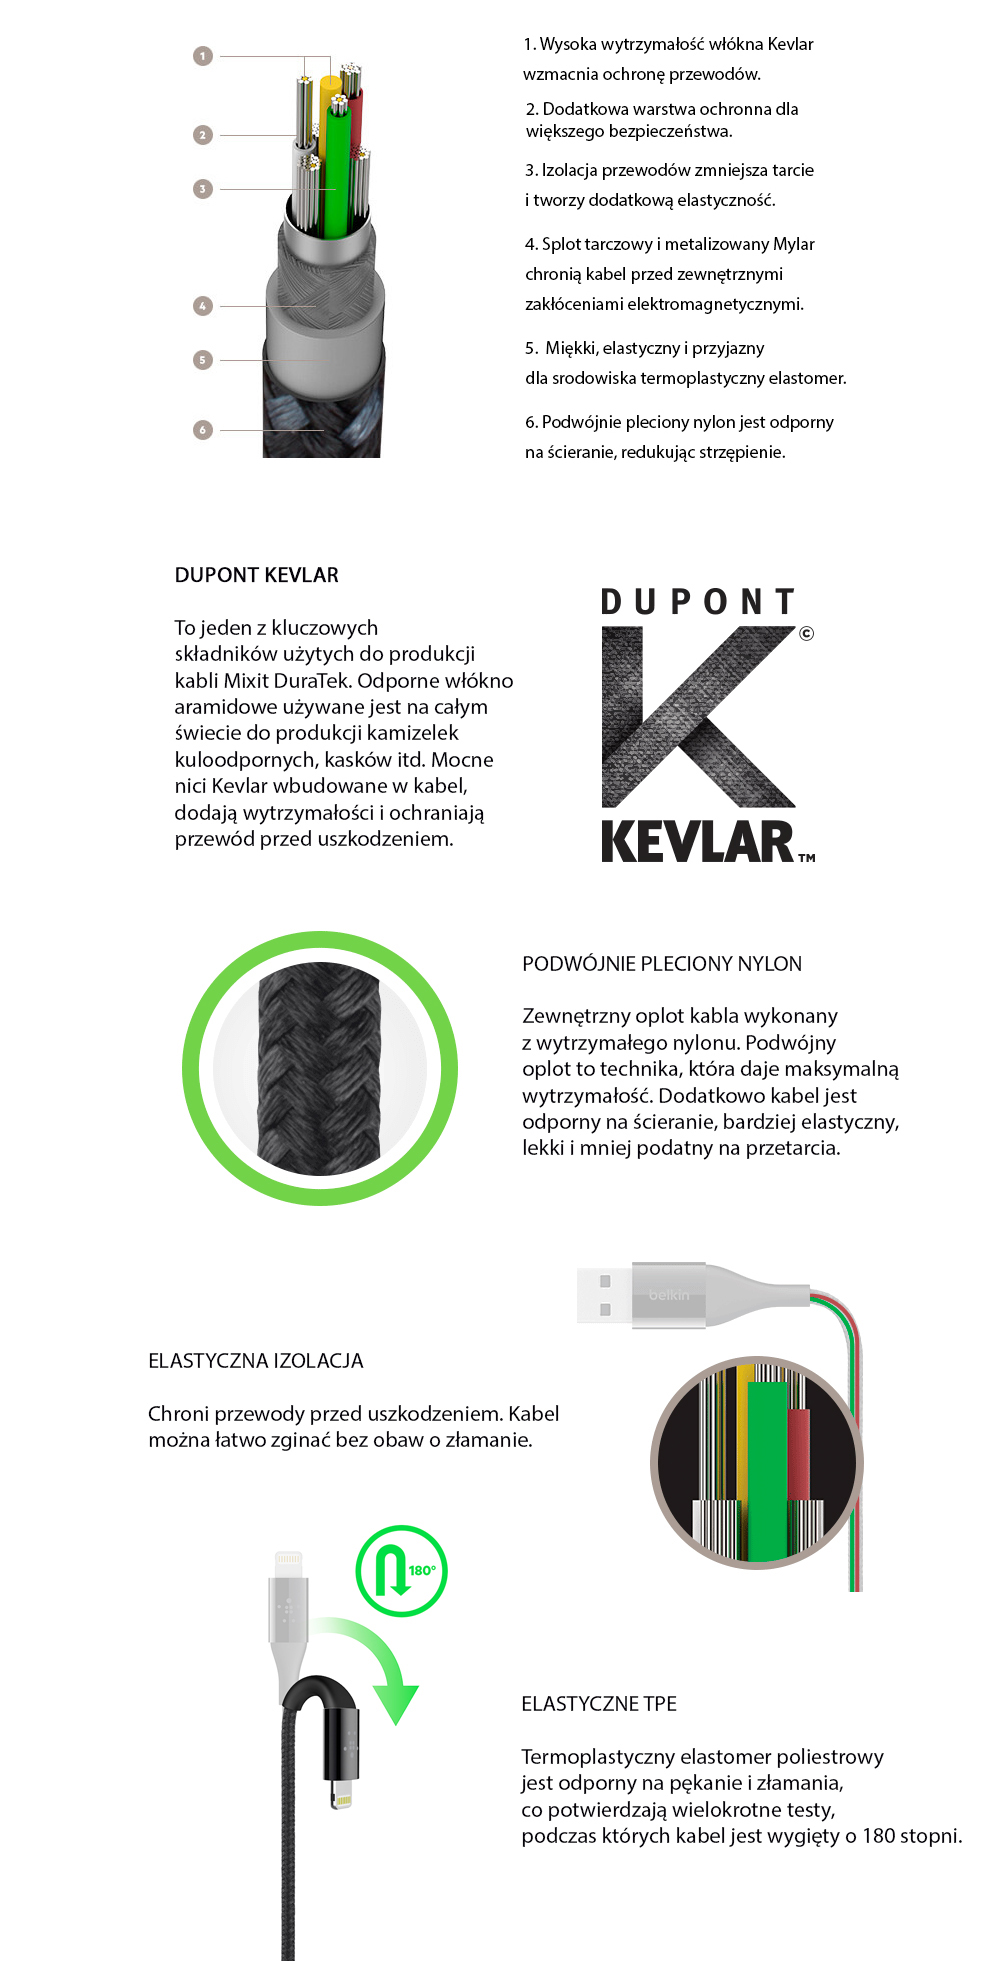 Kabel Belkin Mixit DuraTek Lightning USB-C, srebrny.